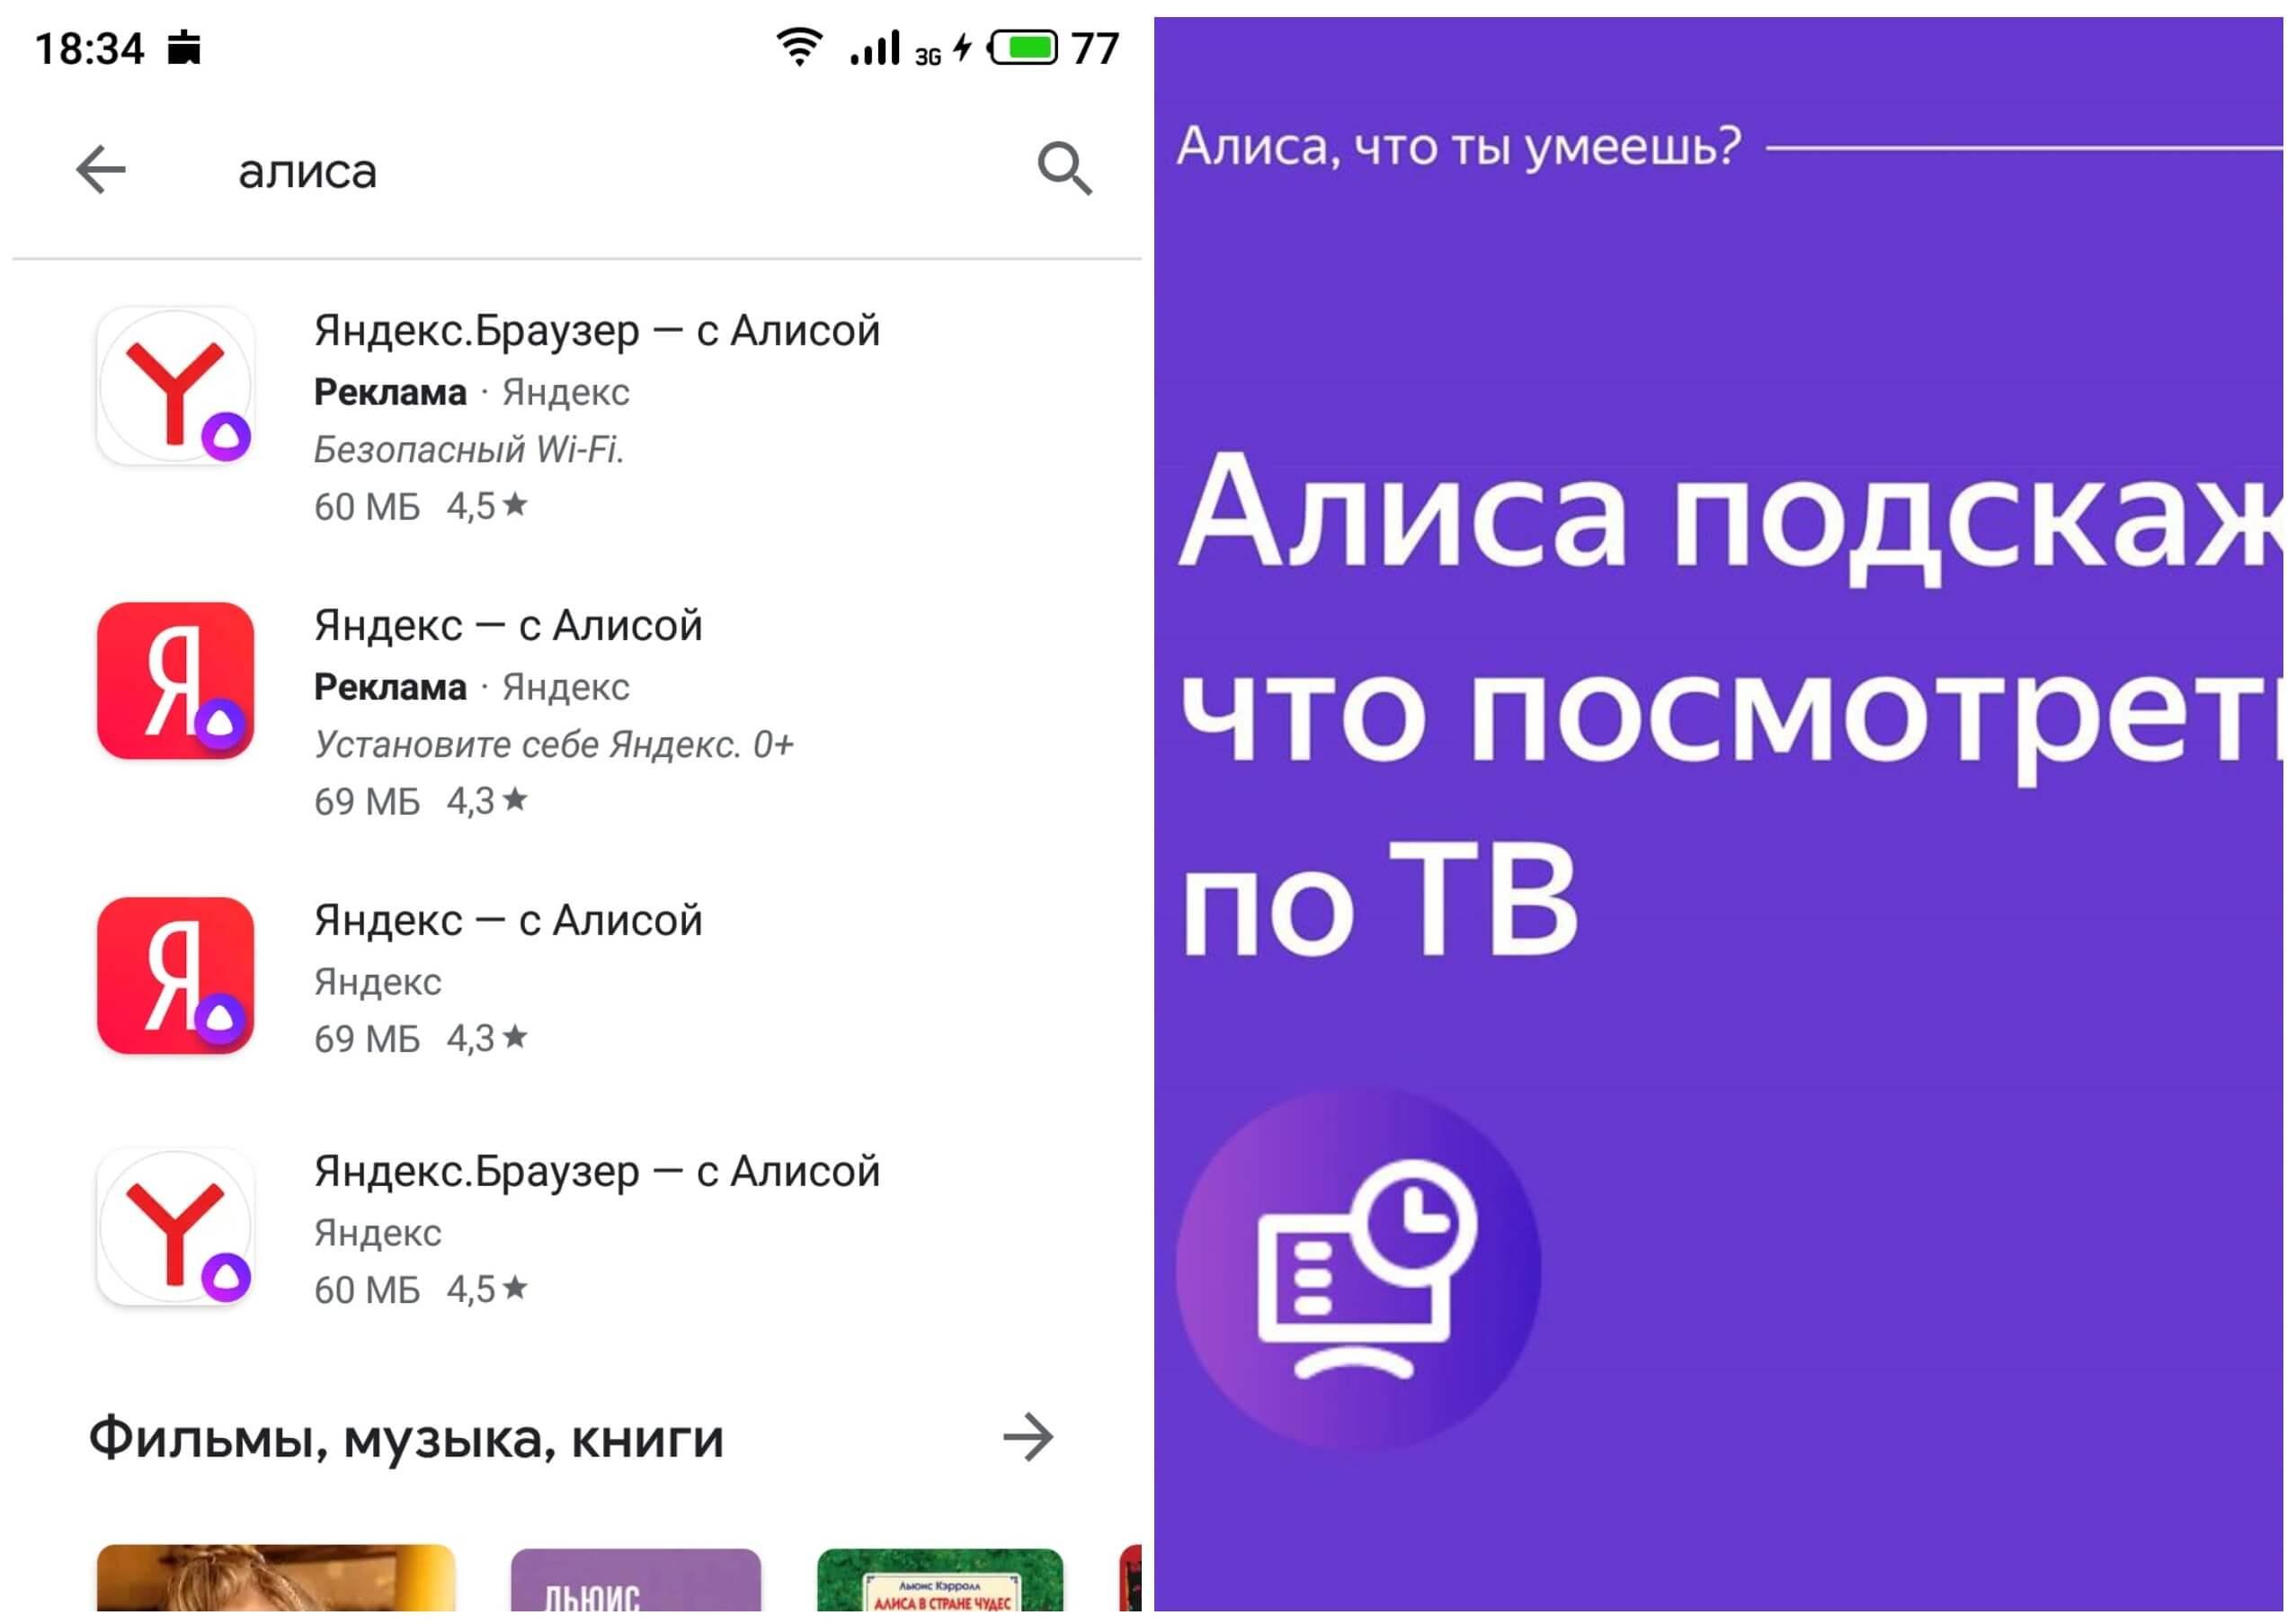 На фото изображено приложение Алиса с браузером Яндекс.